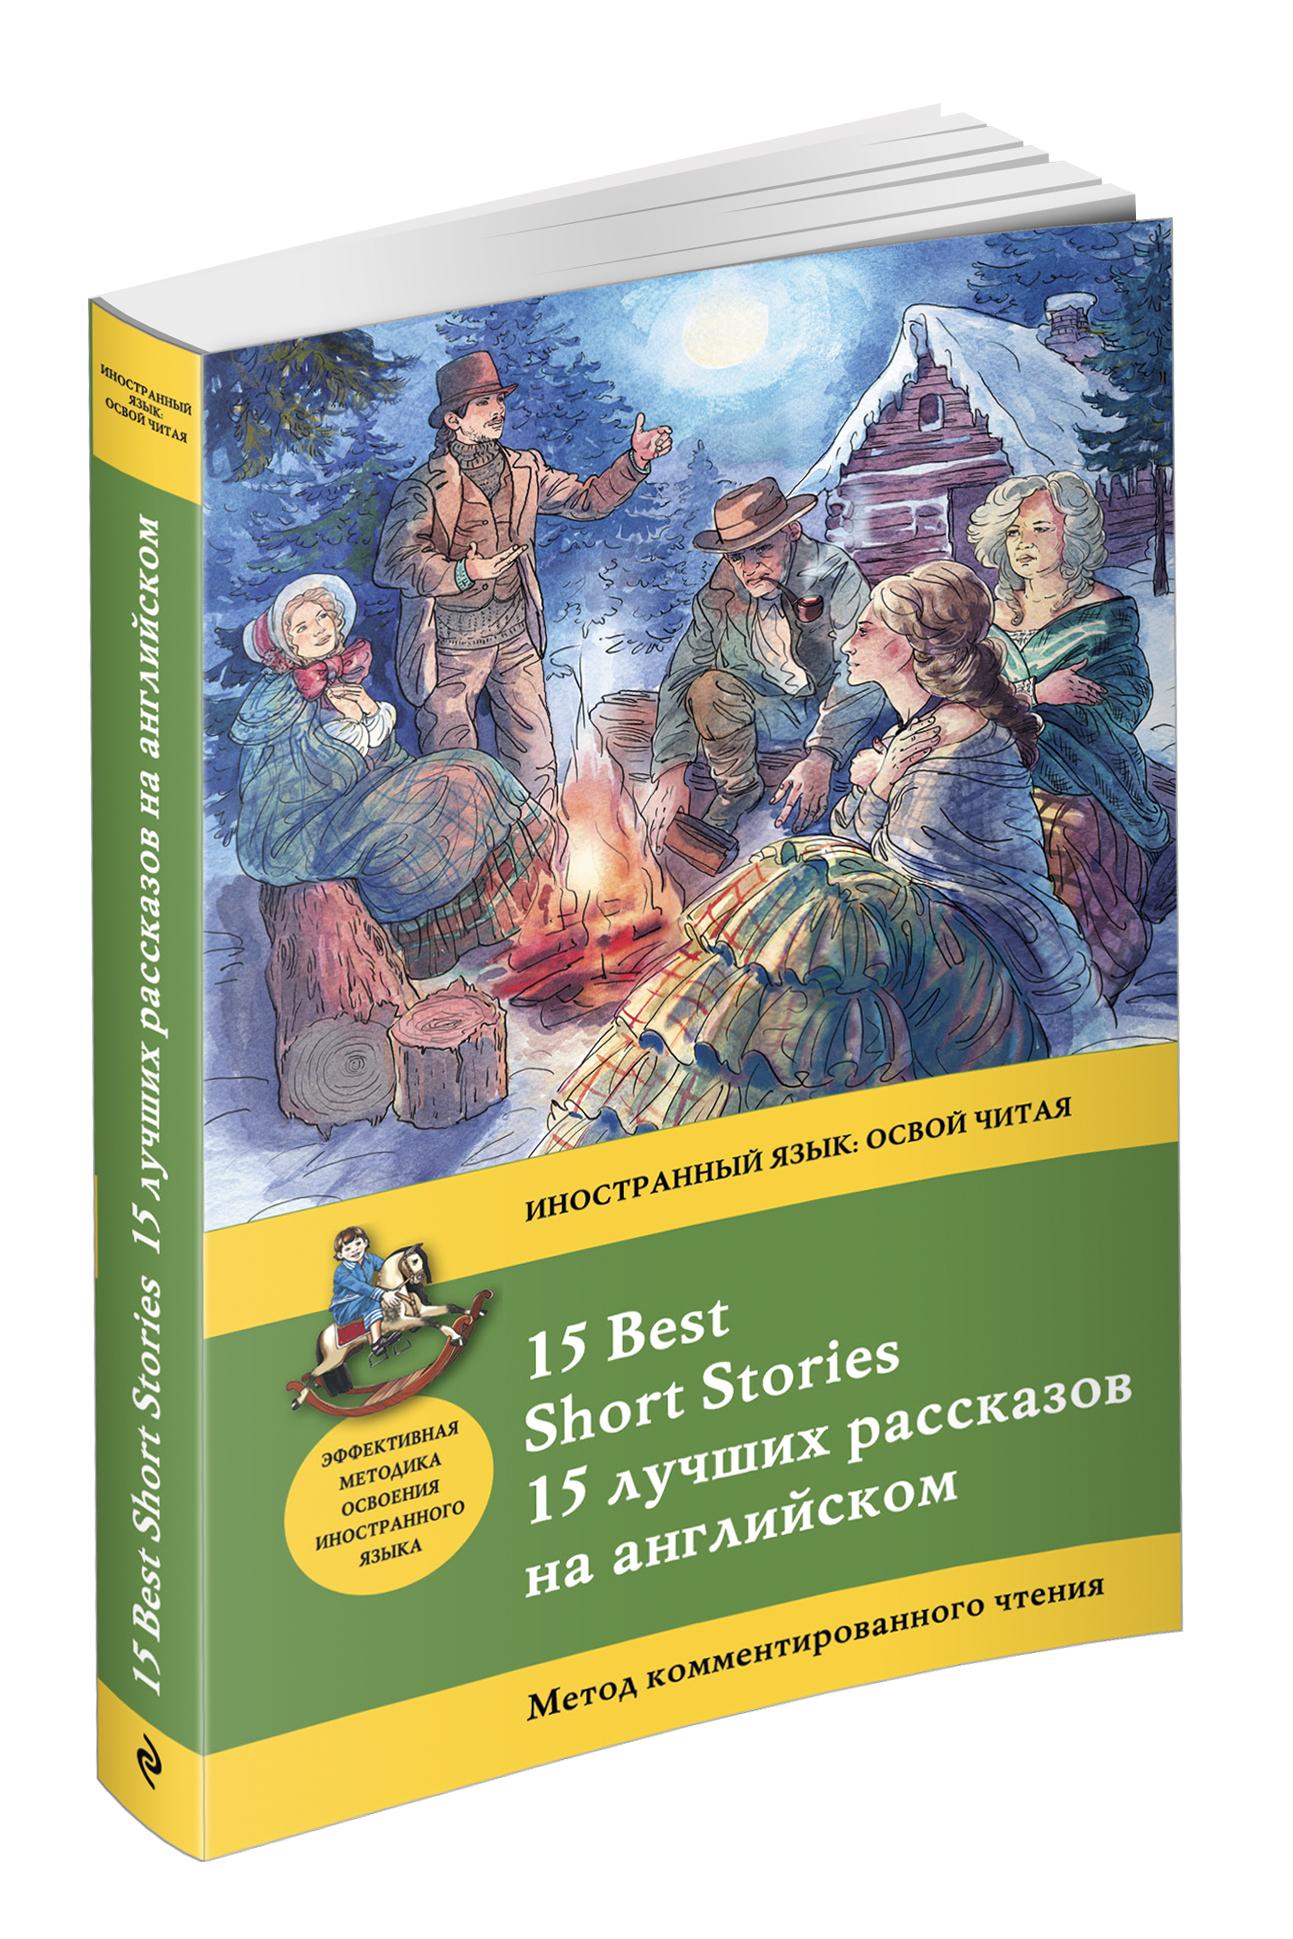 Конан Дойл А., О. Генри , Твен М. 15 лучших рассказов на английском = 15 BEST SHORT STORIES: метод комментированного чтения